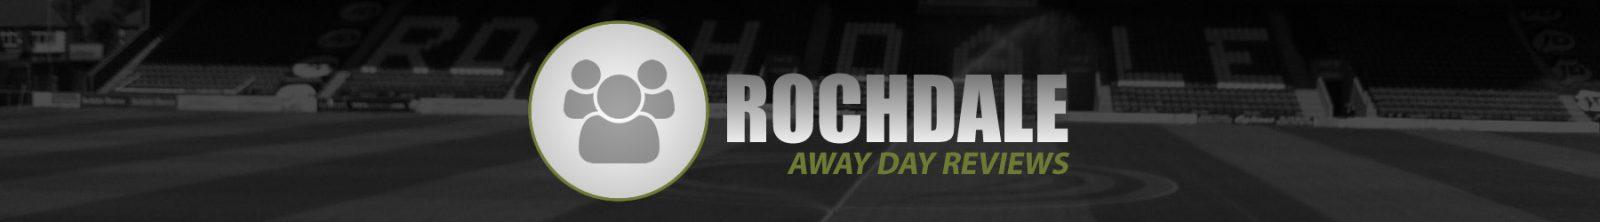 Review Rochdale